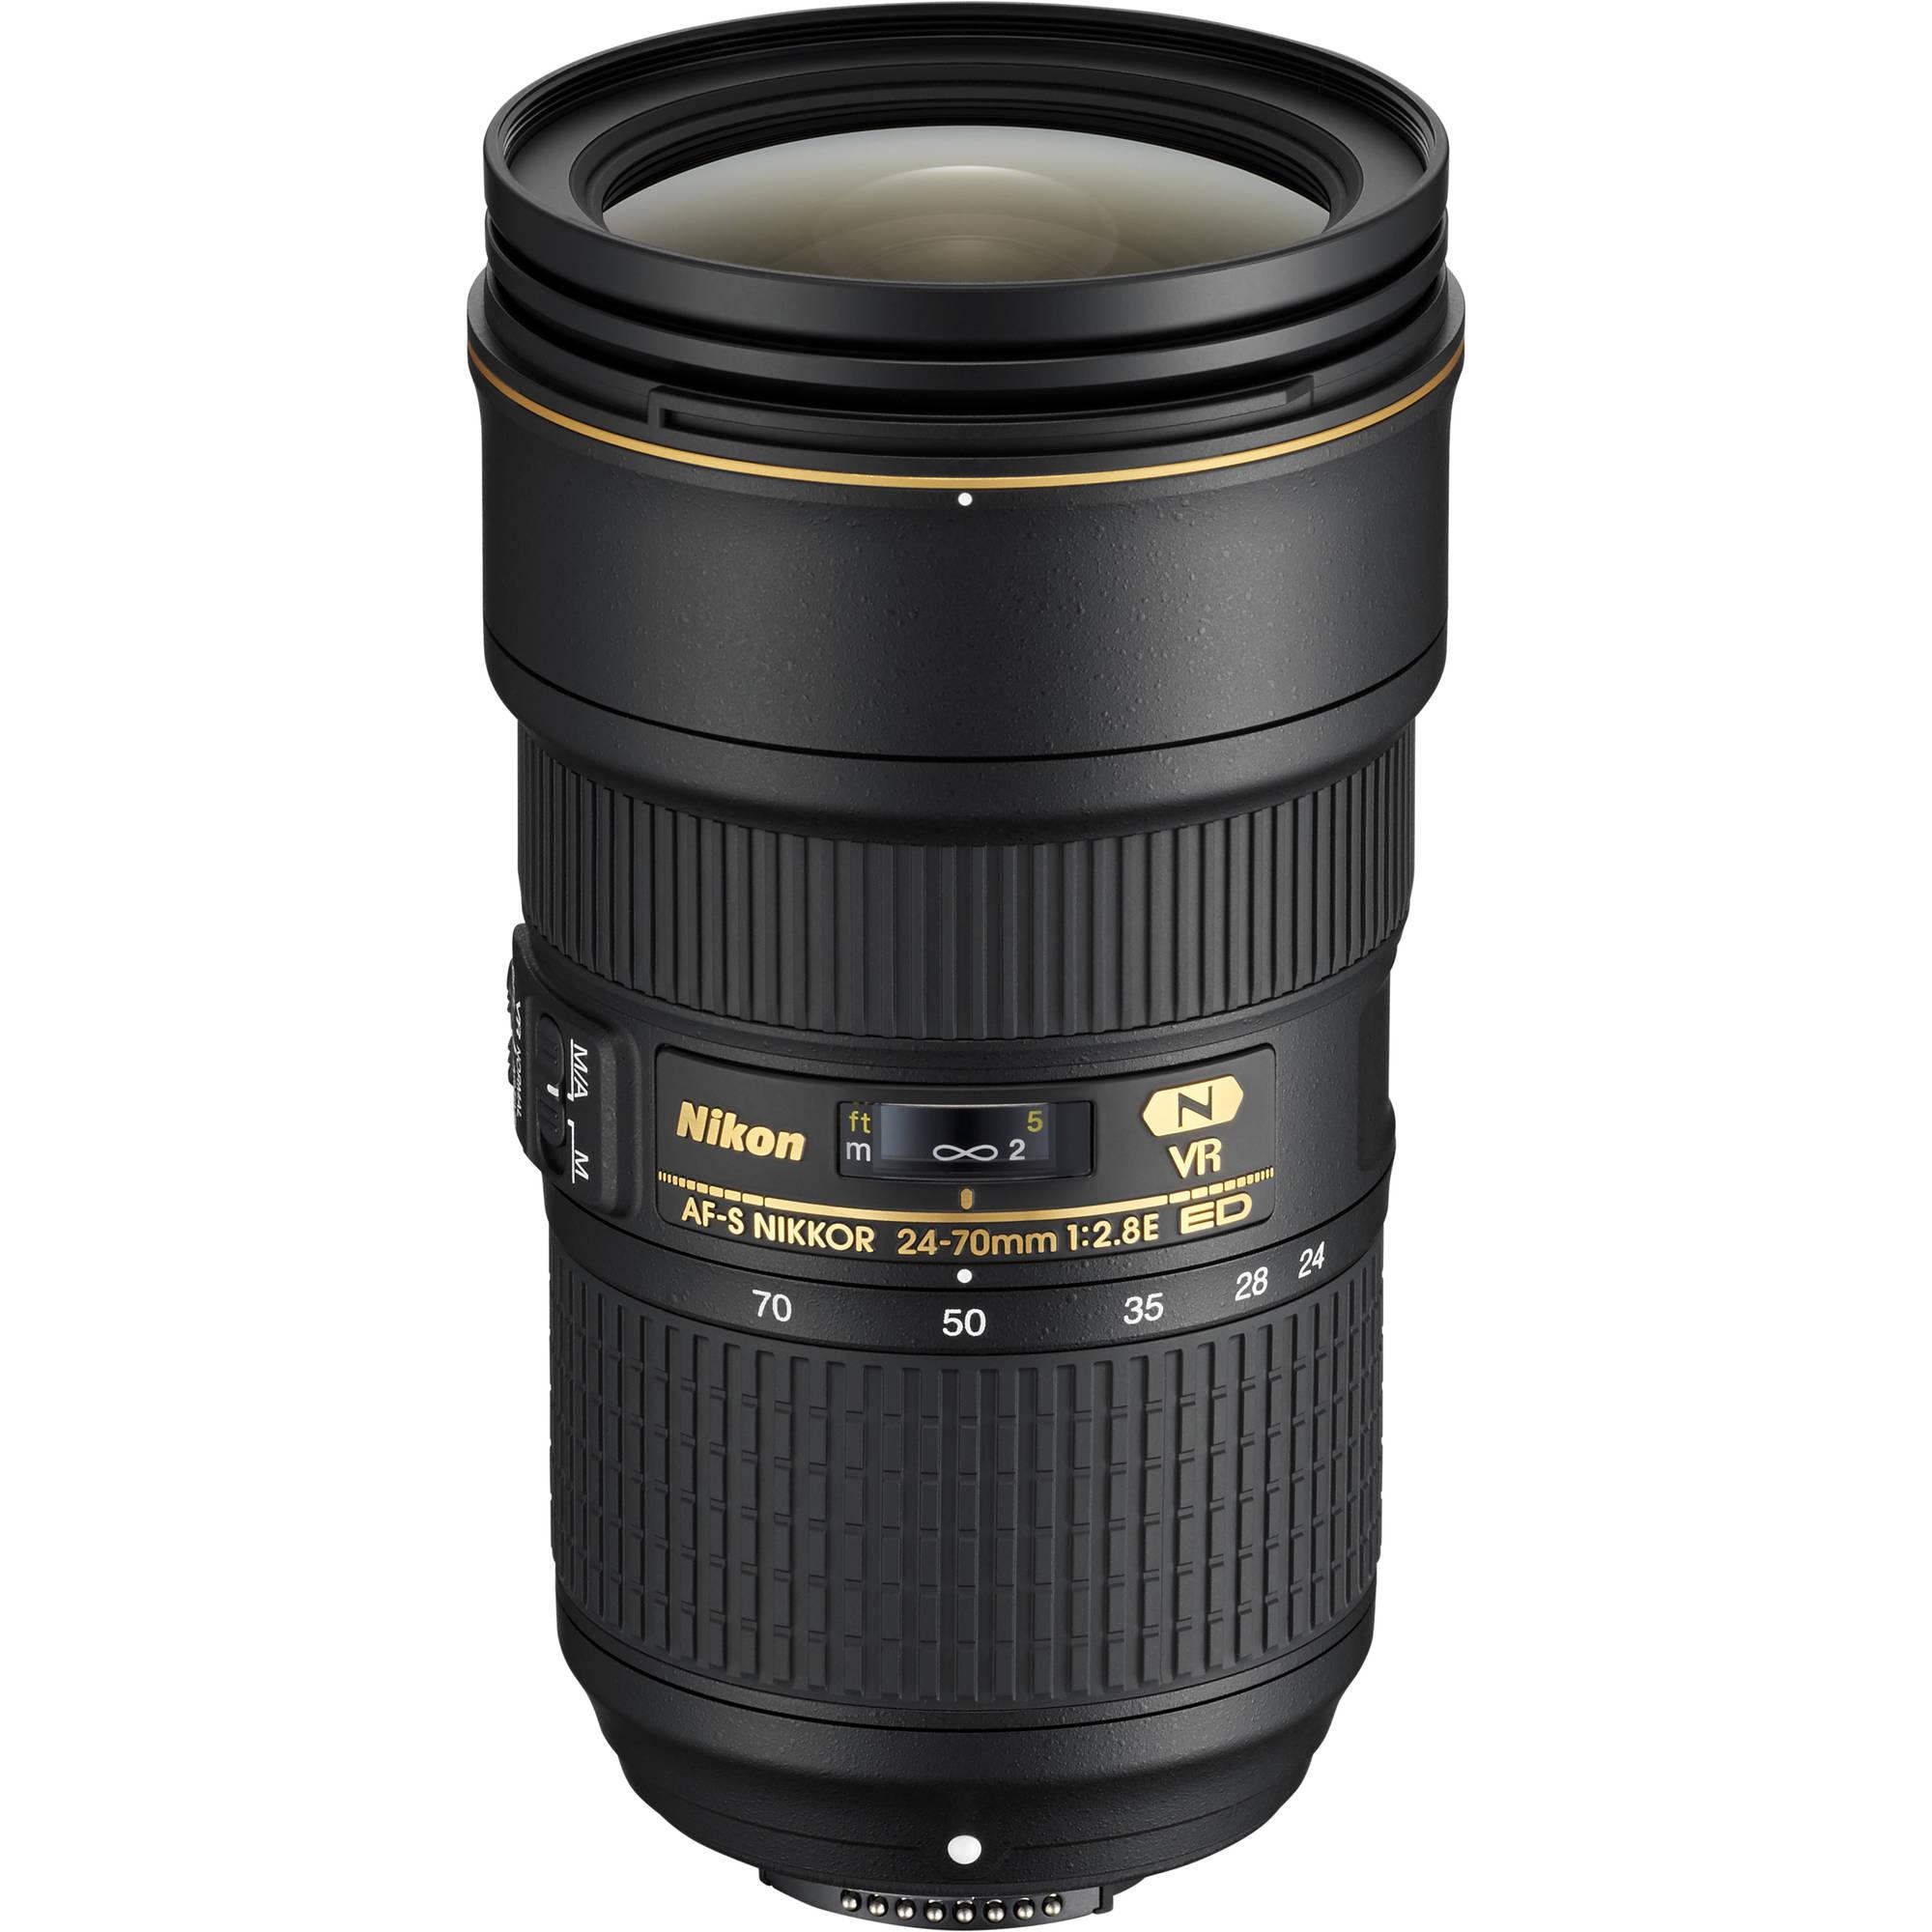 Nikon_AF-S_24-70mm_f2.8E_ED_VR-001.jpg?t